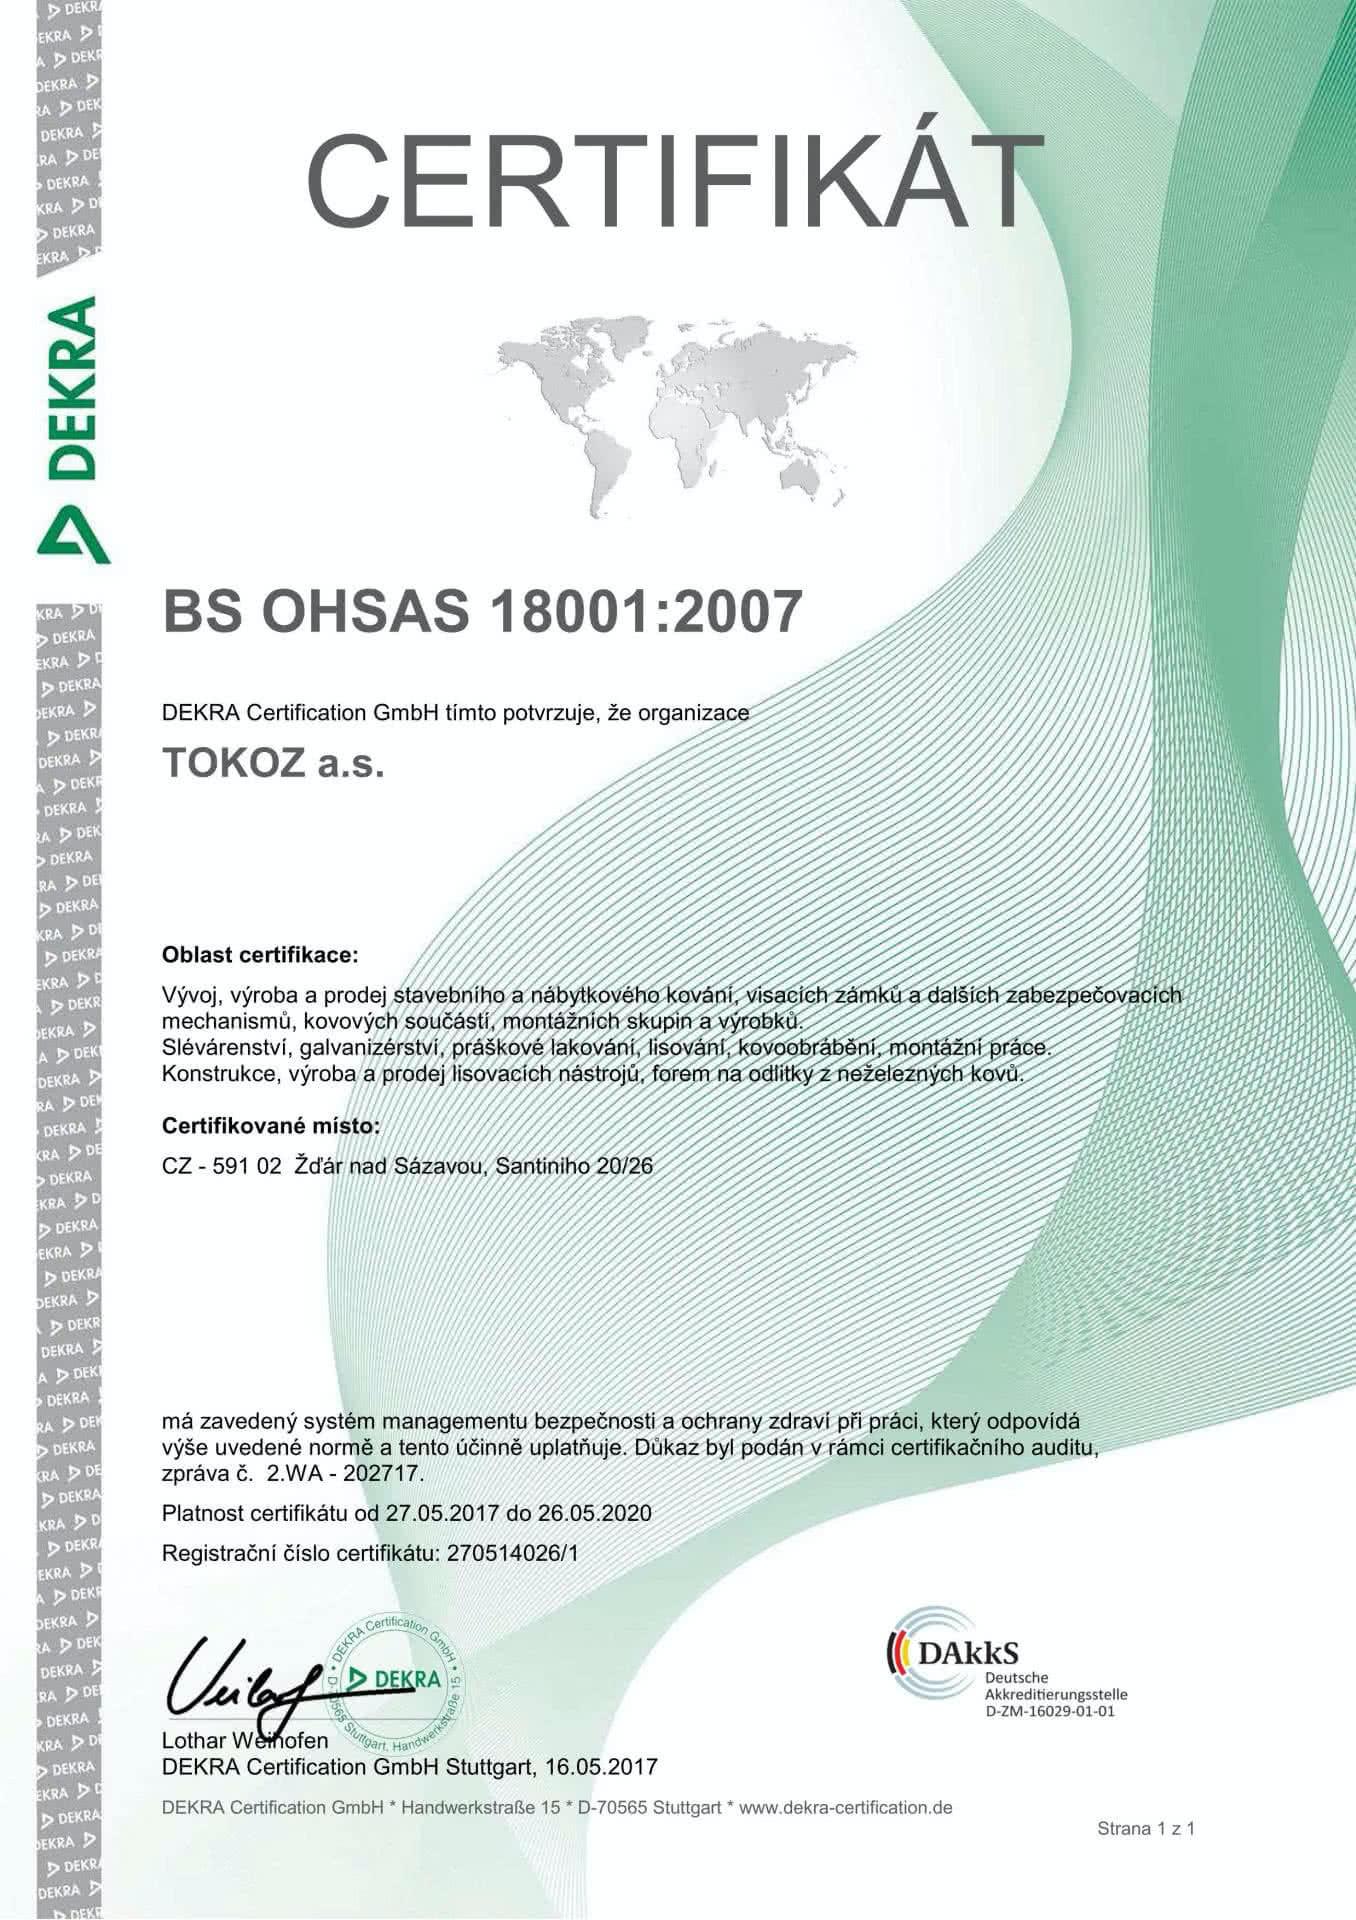 BS_OHSAS_TOKOZ_18001-2007_CZ_01